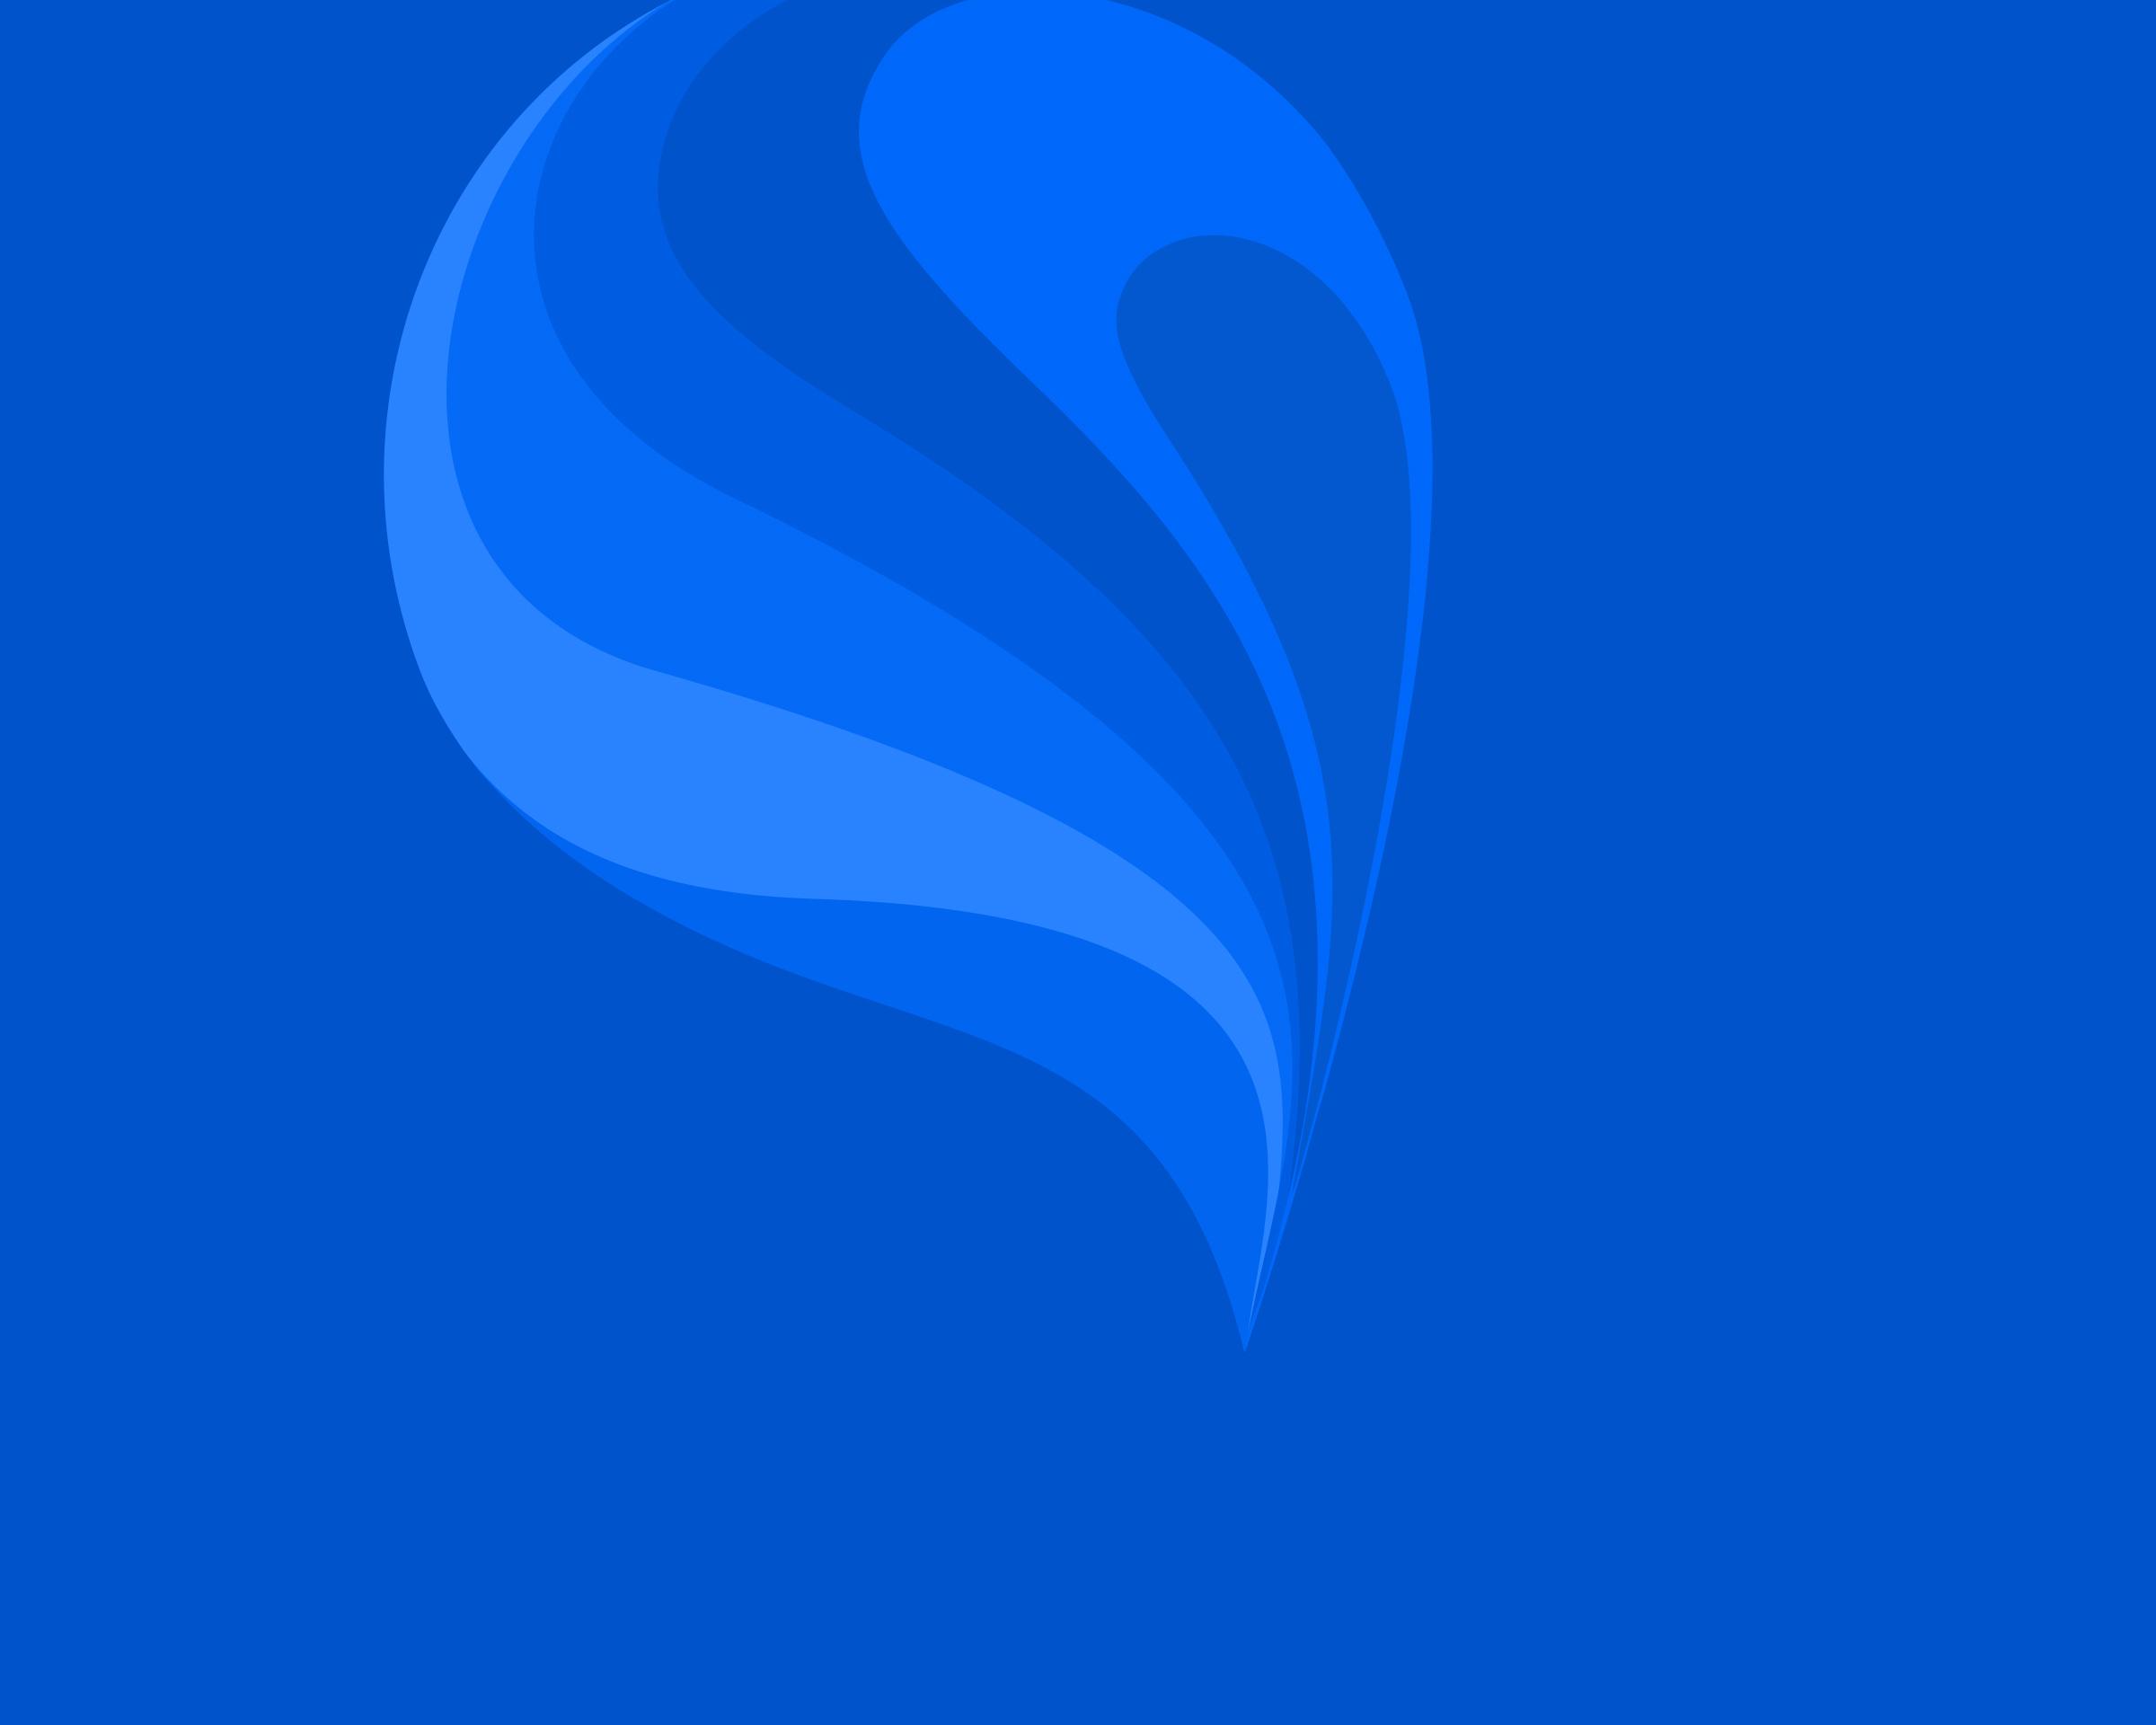 Beautiful Wallpaper Logo Huawei - huawei-mediapad-m2-wallpaper-003  HD_96772.jpg